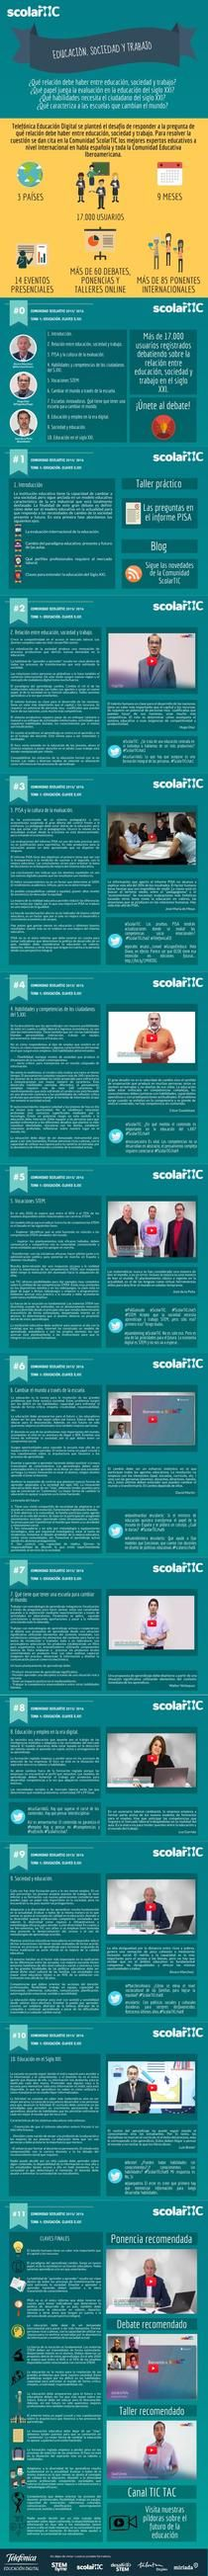 Scolartic Tema 1: Relación educación, sociedad y trabajo EXT | Piktochart Infographic Editor